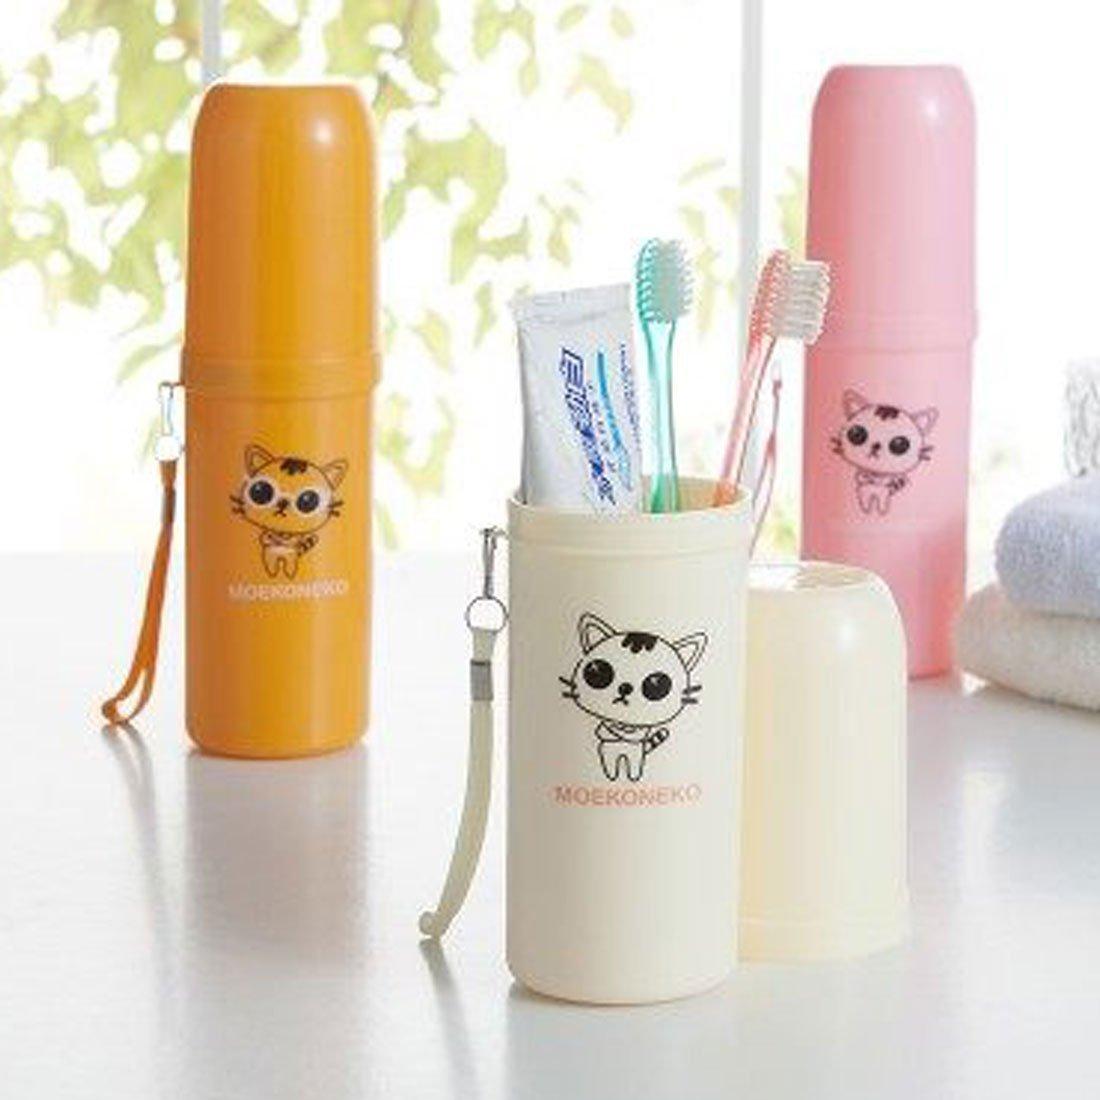 Amazon.com: eDealMax gato Modelo plástico cilíndrico Forma de Botella Cepillo de dientes Pasta de dientes Titular Brown: Home & Kitchen